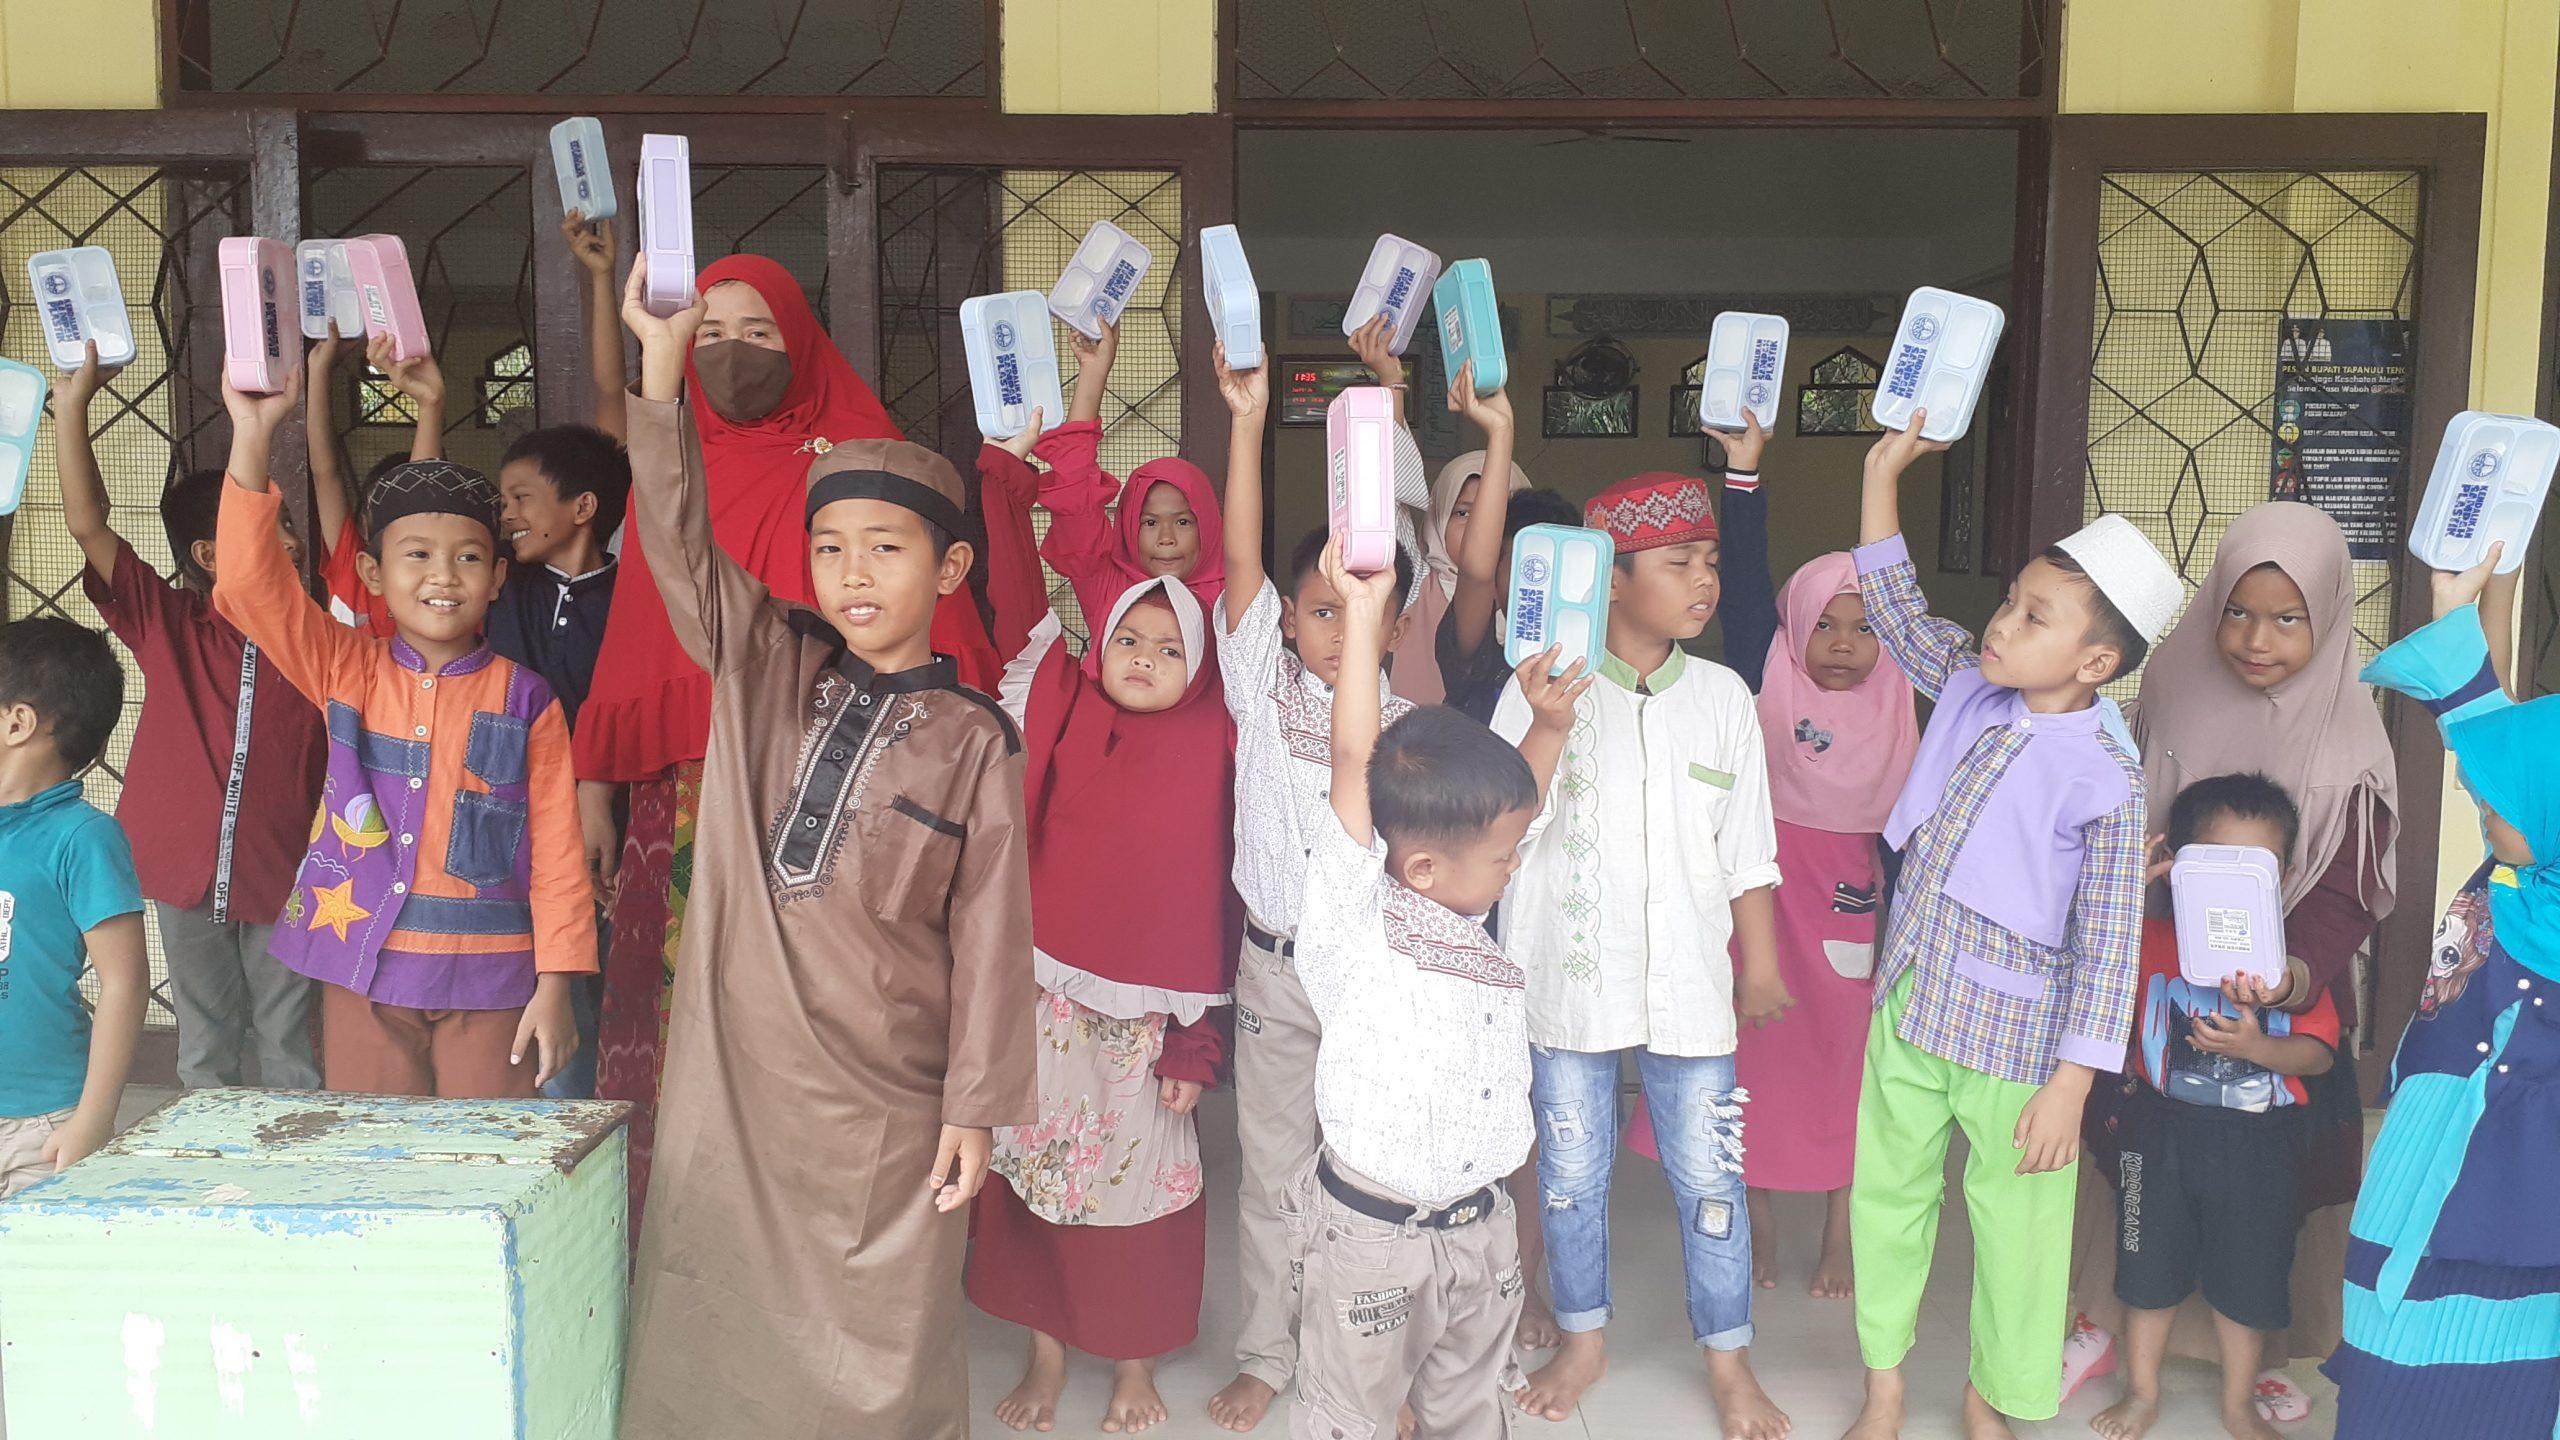 Anggota DPR RI Delmeria Sikumbang saat foto bersama dengan anak-anak Kelurahan Hutaimbaru di Masjid Al Ikhlas. Foto: Rakyatsumut.com/ Mirwan Tanjung